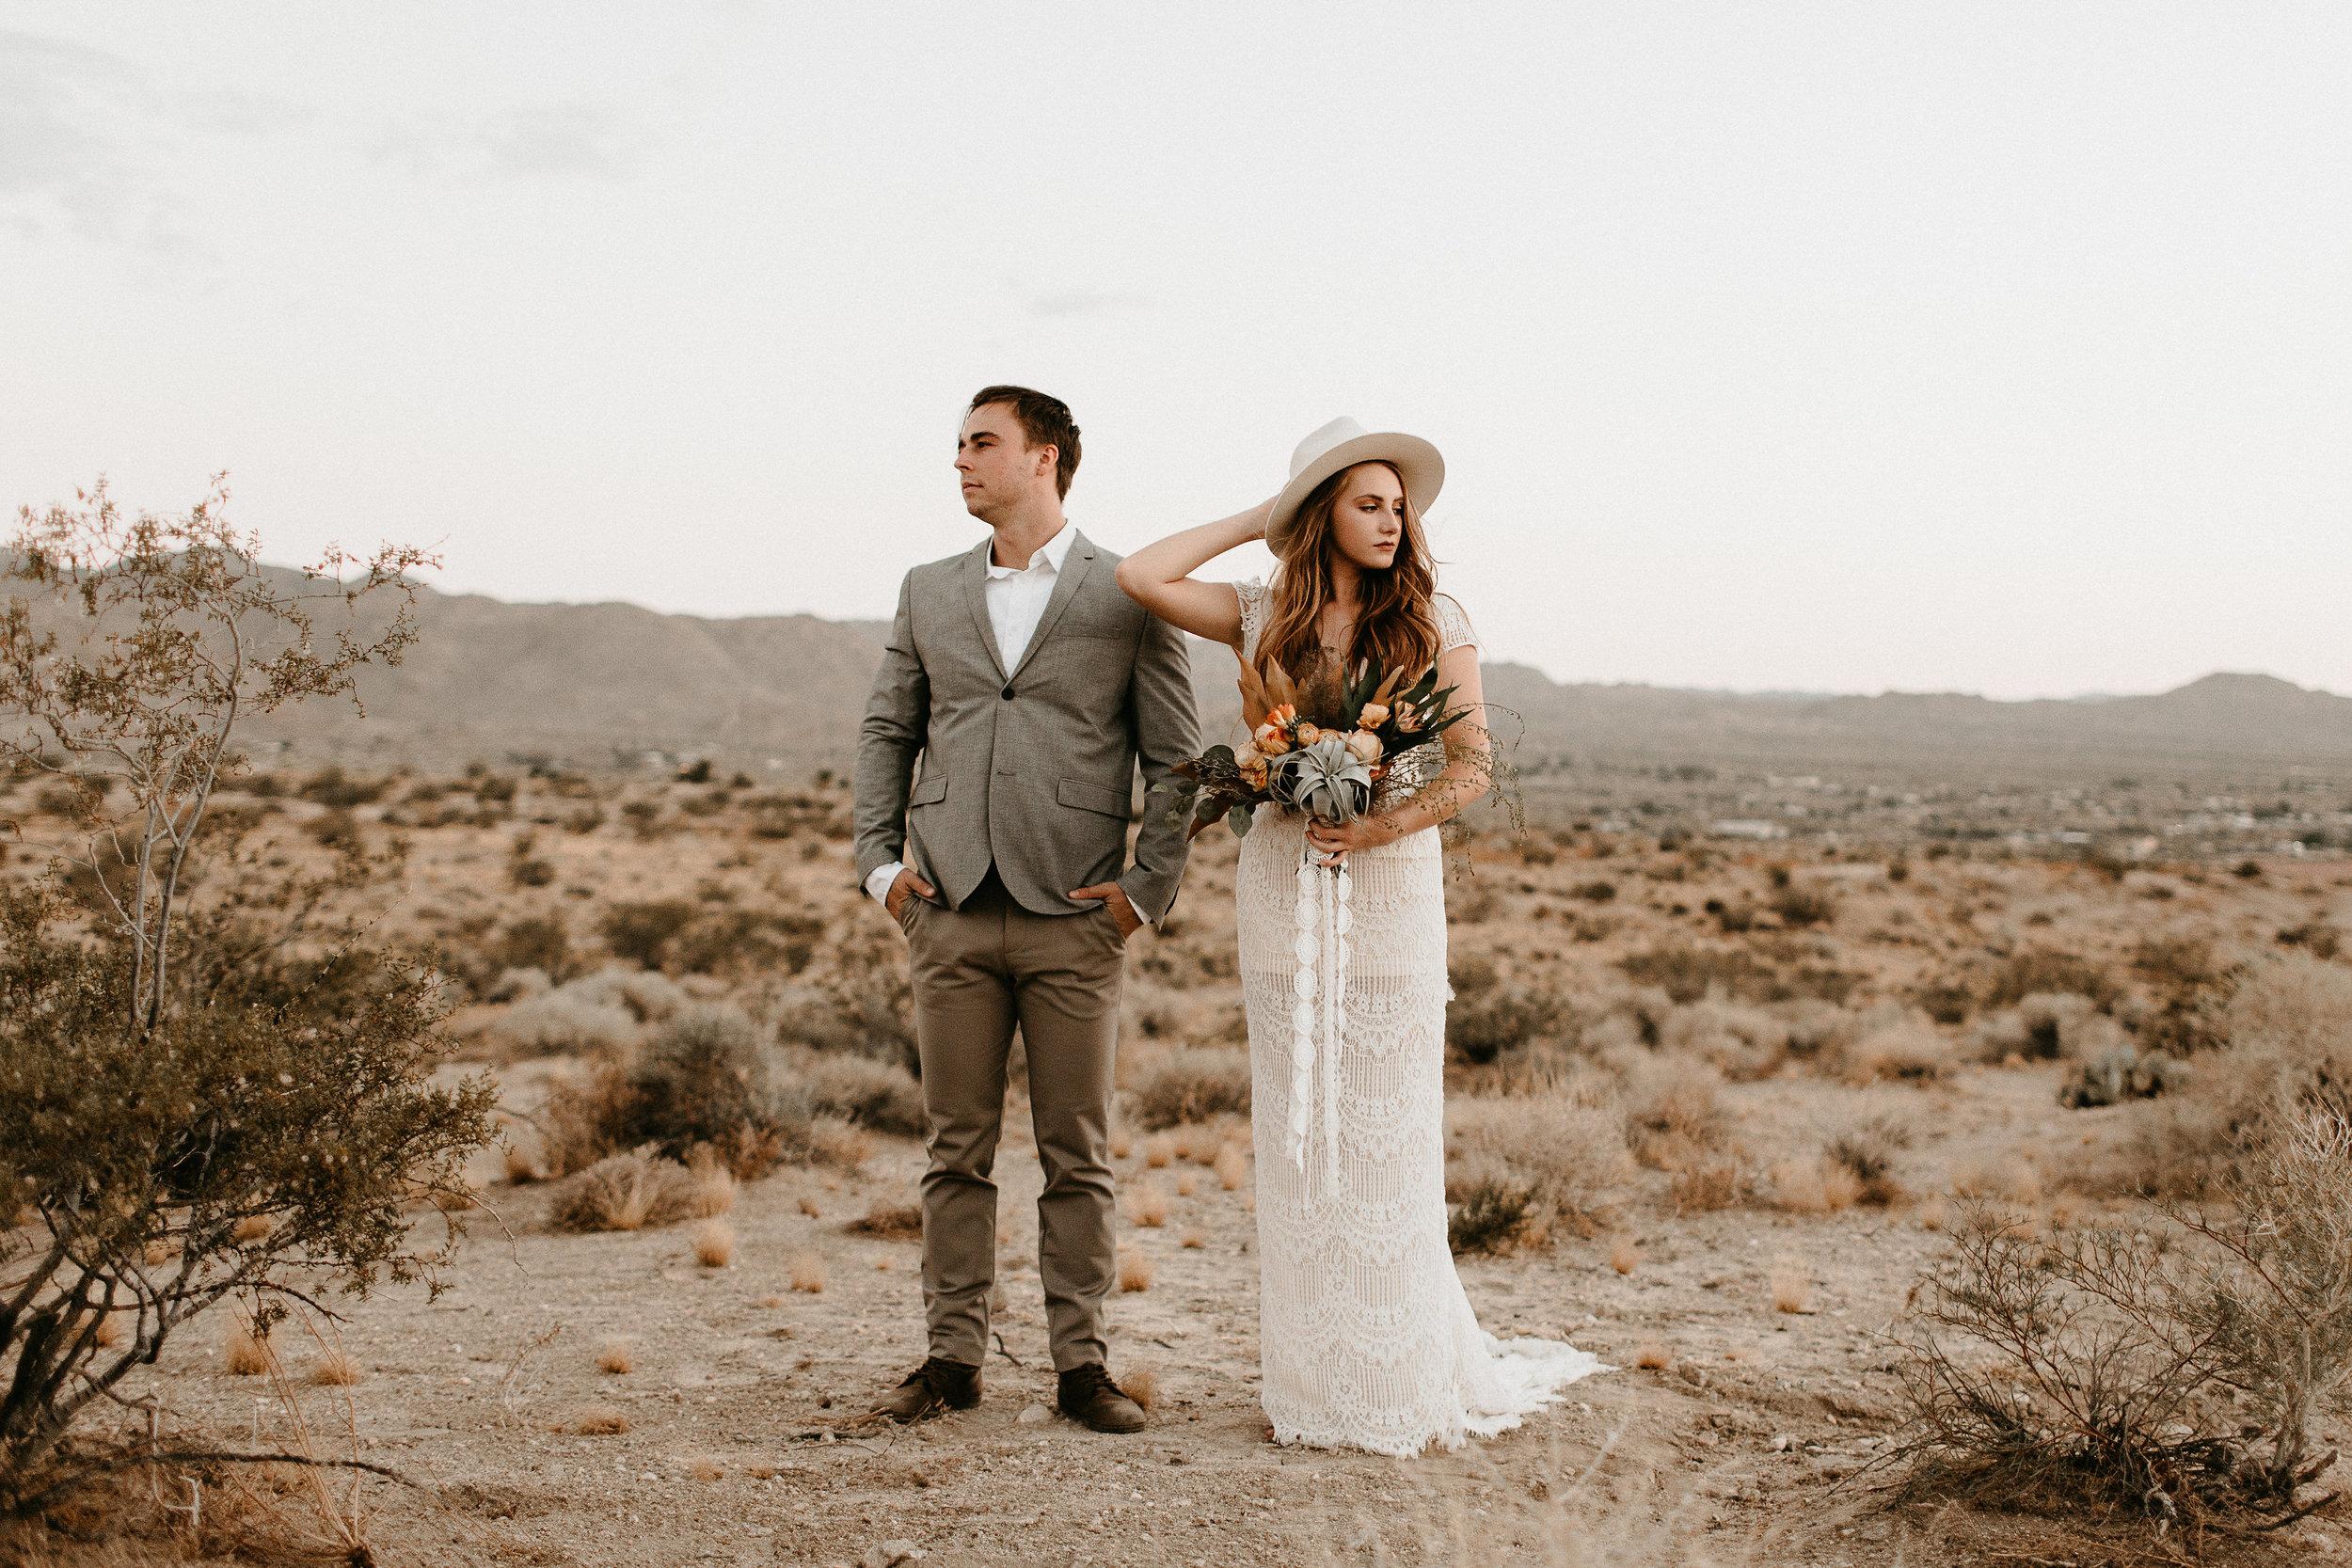 desert elopement with desert bouquet #lrqcfloral